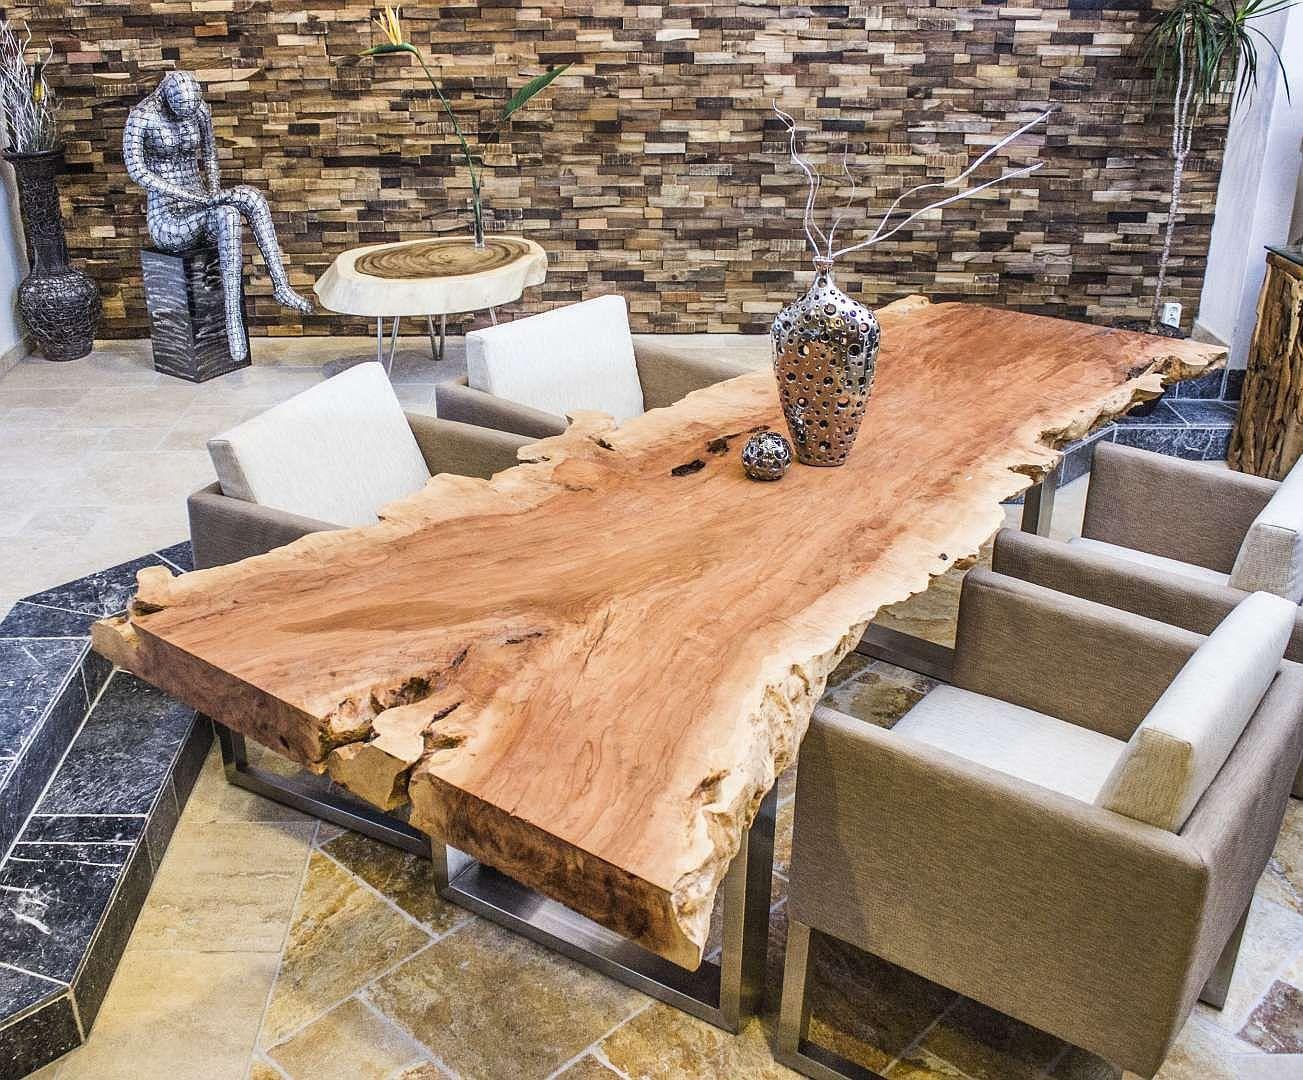 baumstamm tisch bauen couchtisch ideen erregend couchtisch selber bauen mit glasplatte. Black Bedroom Furniture Sets. Home Design Ideas